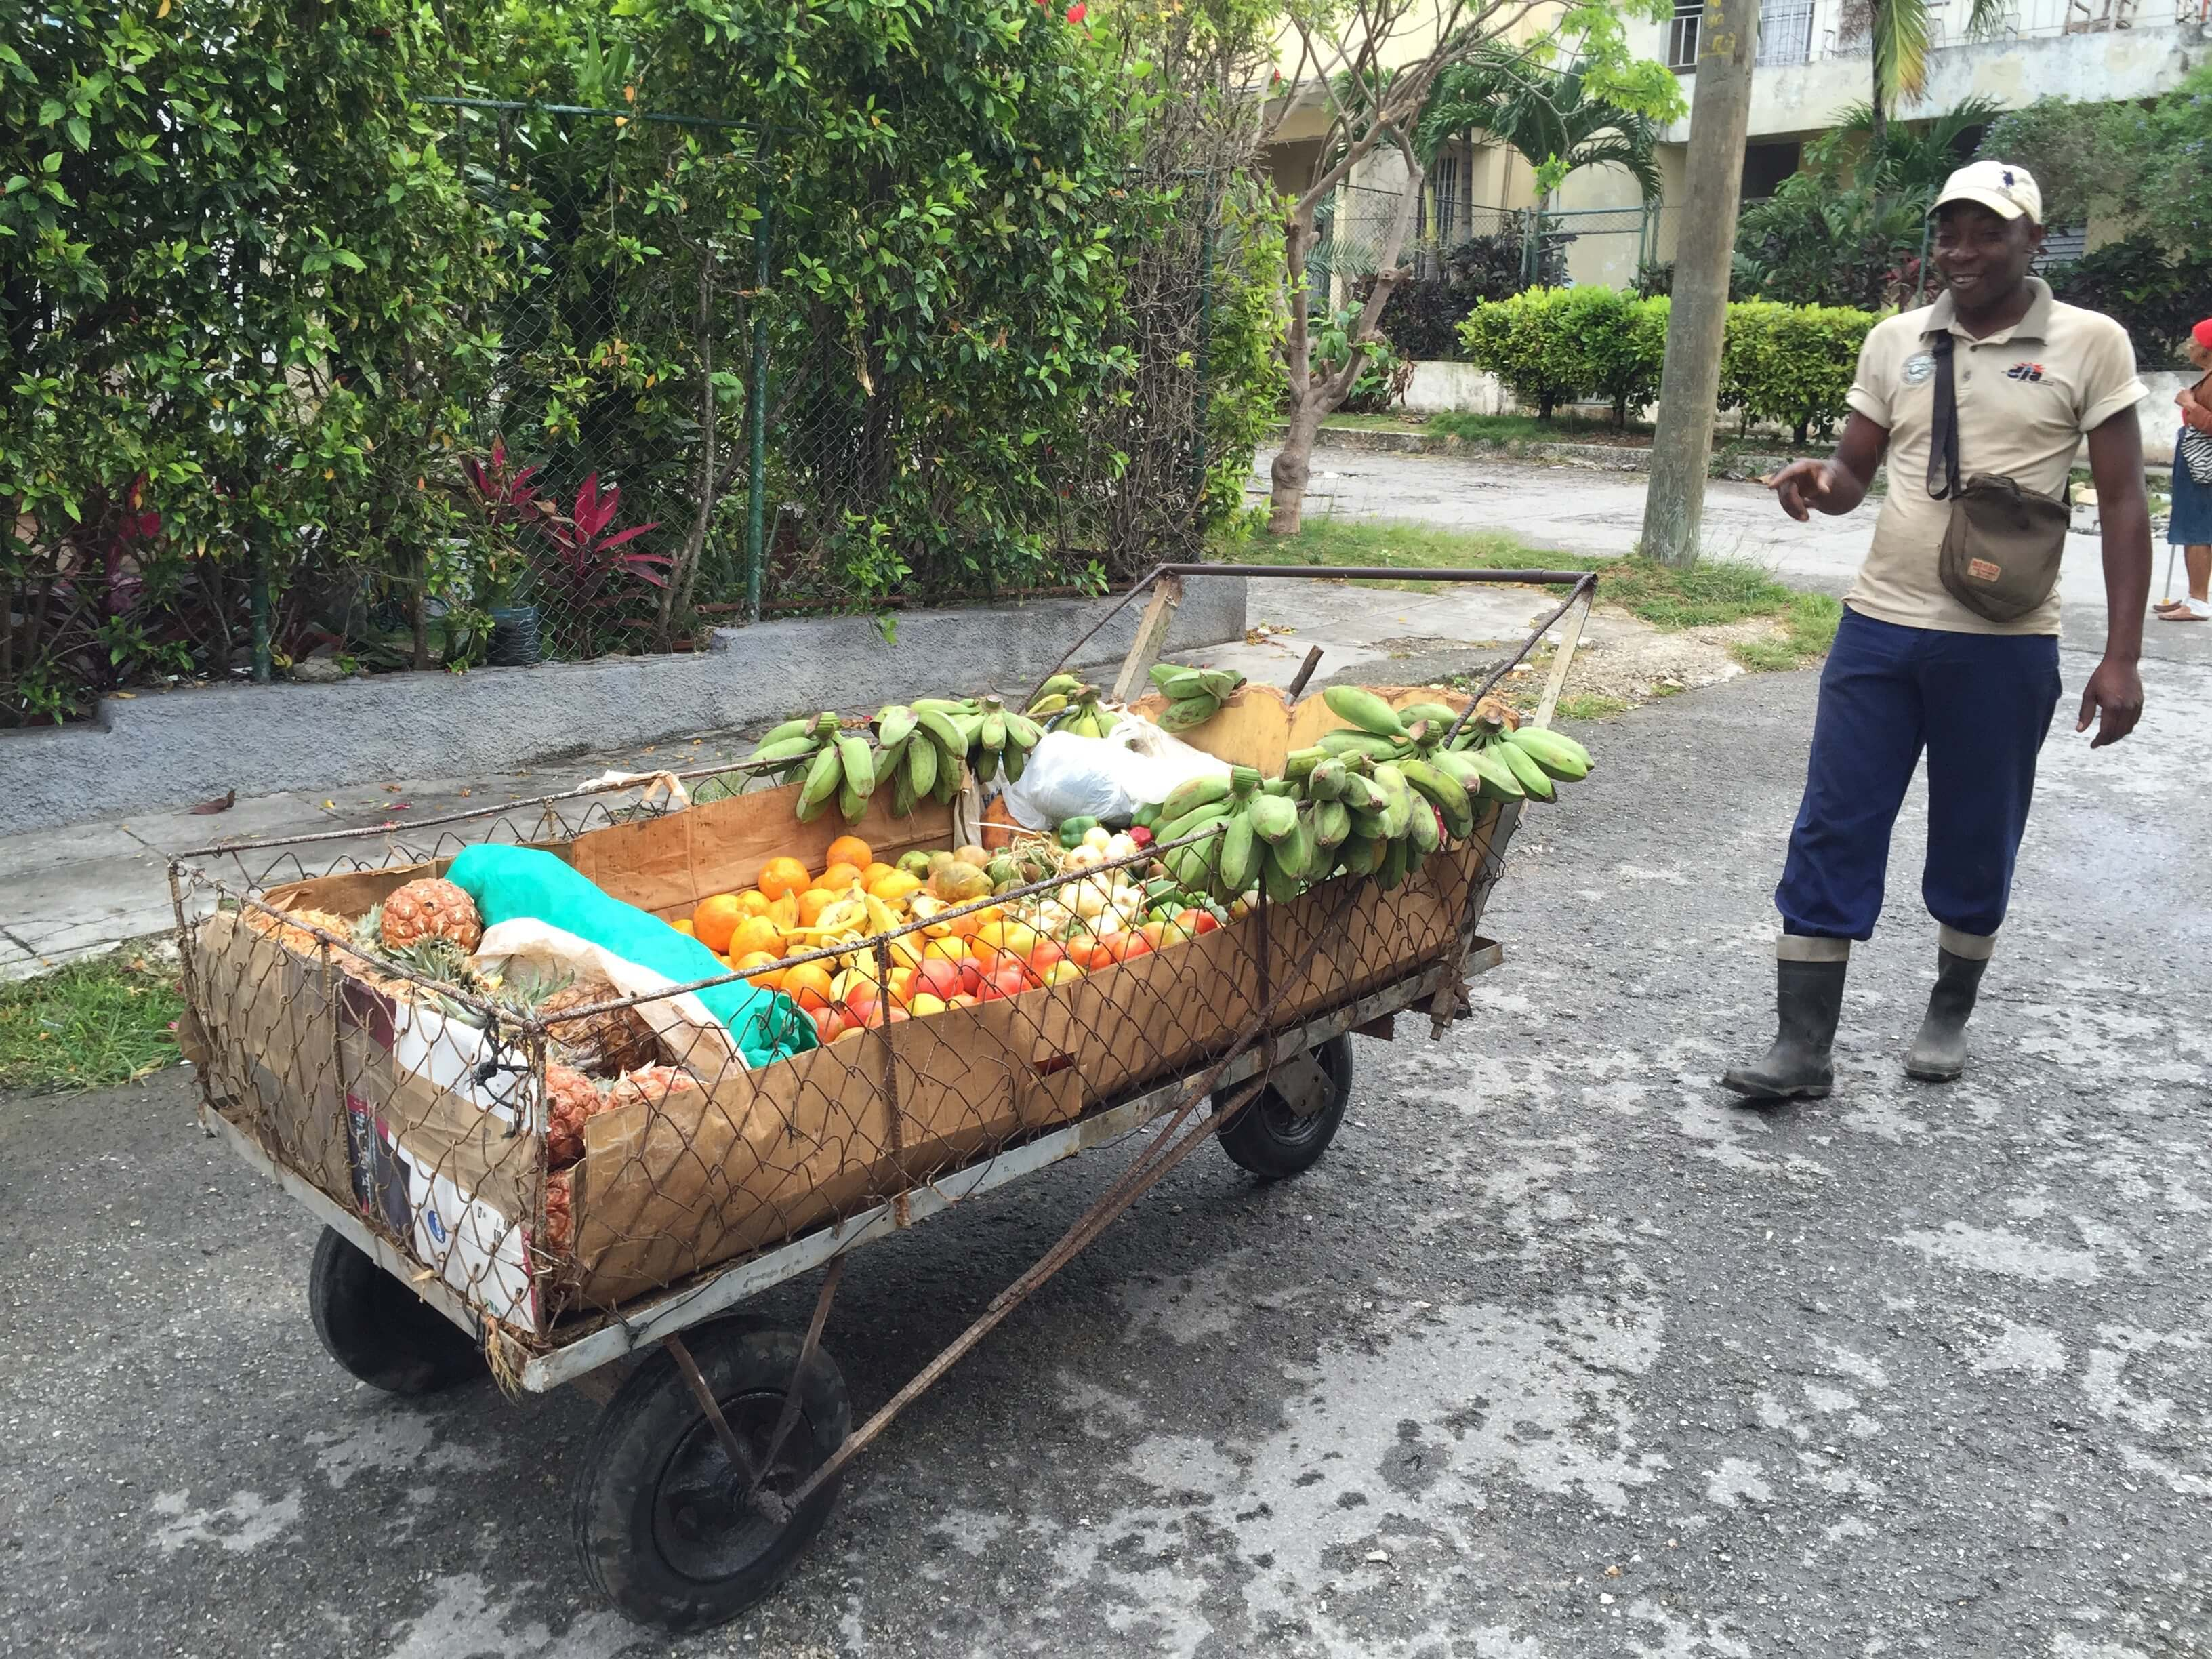 Fruechtewagen in Havanna auf der Strasse